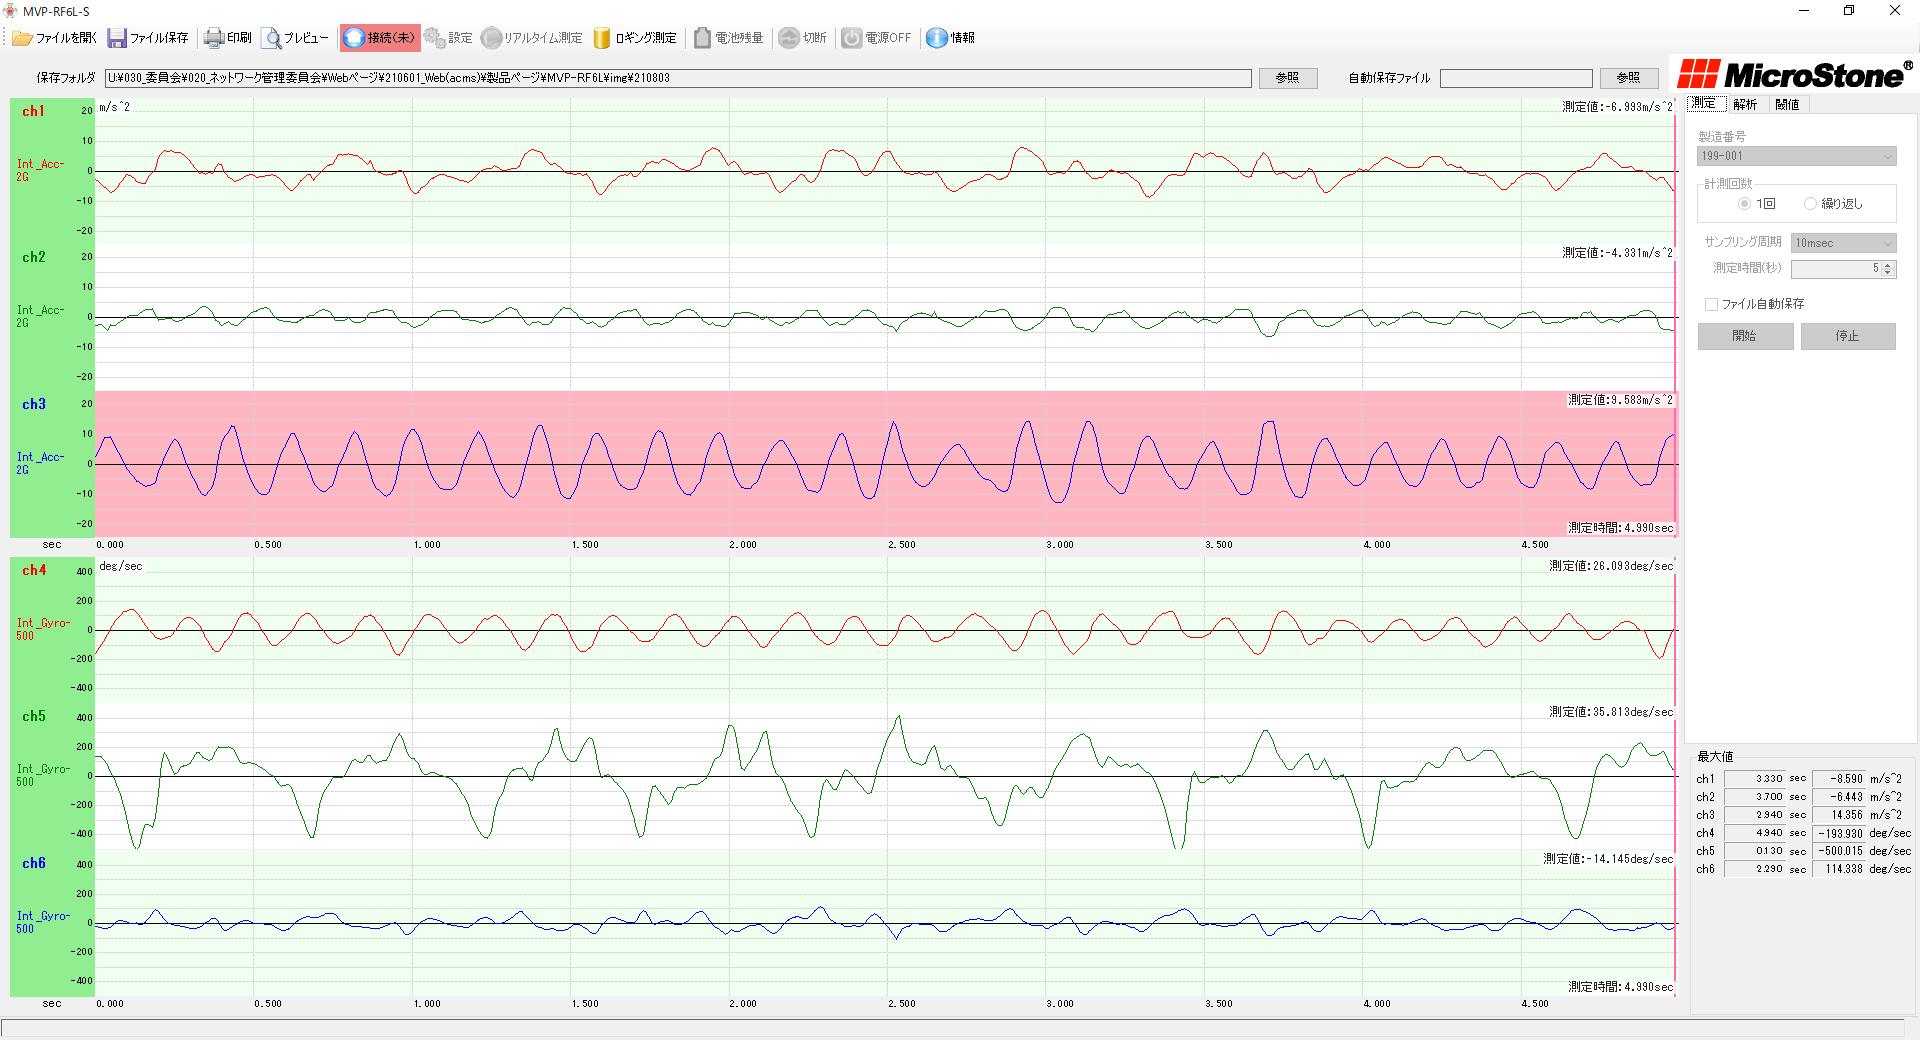 付属ソフトウェア(MVP-RF6L-S) 計測画面